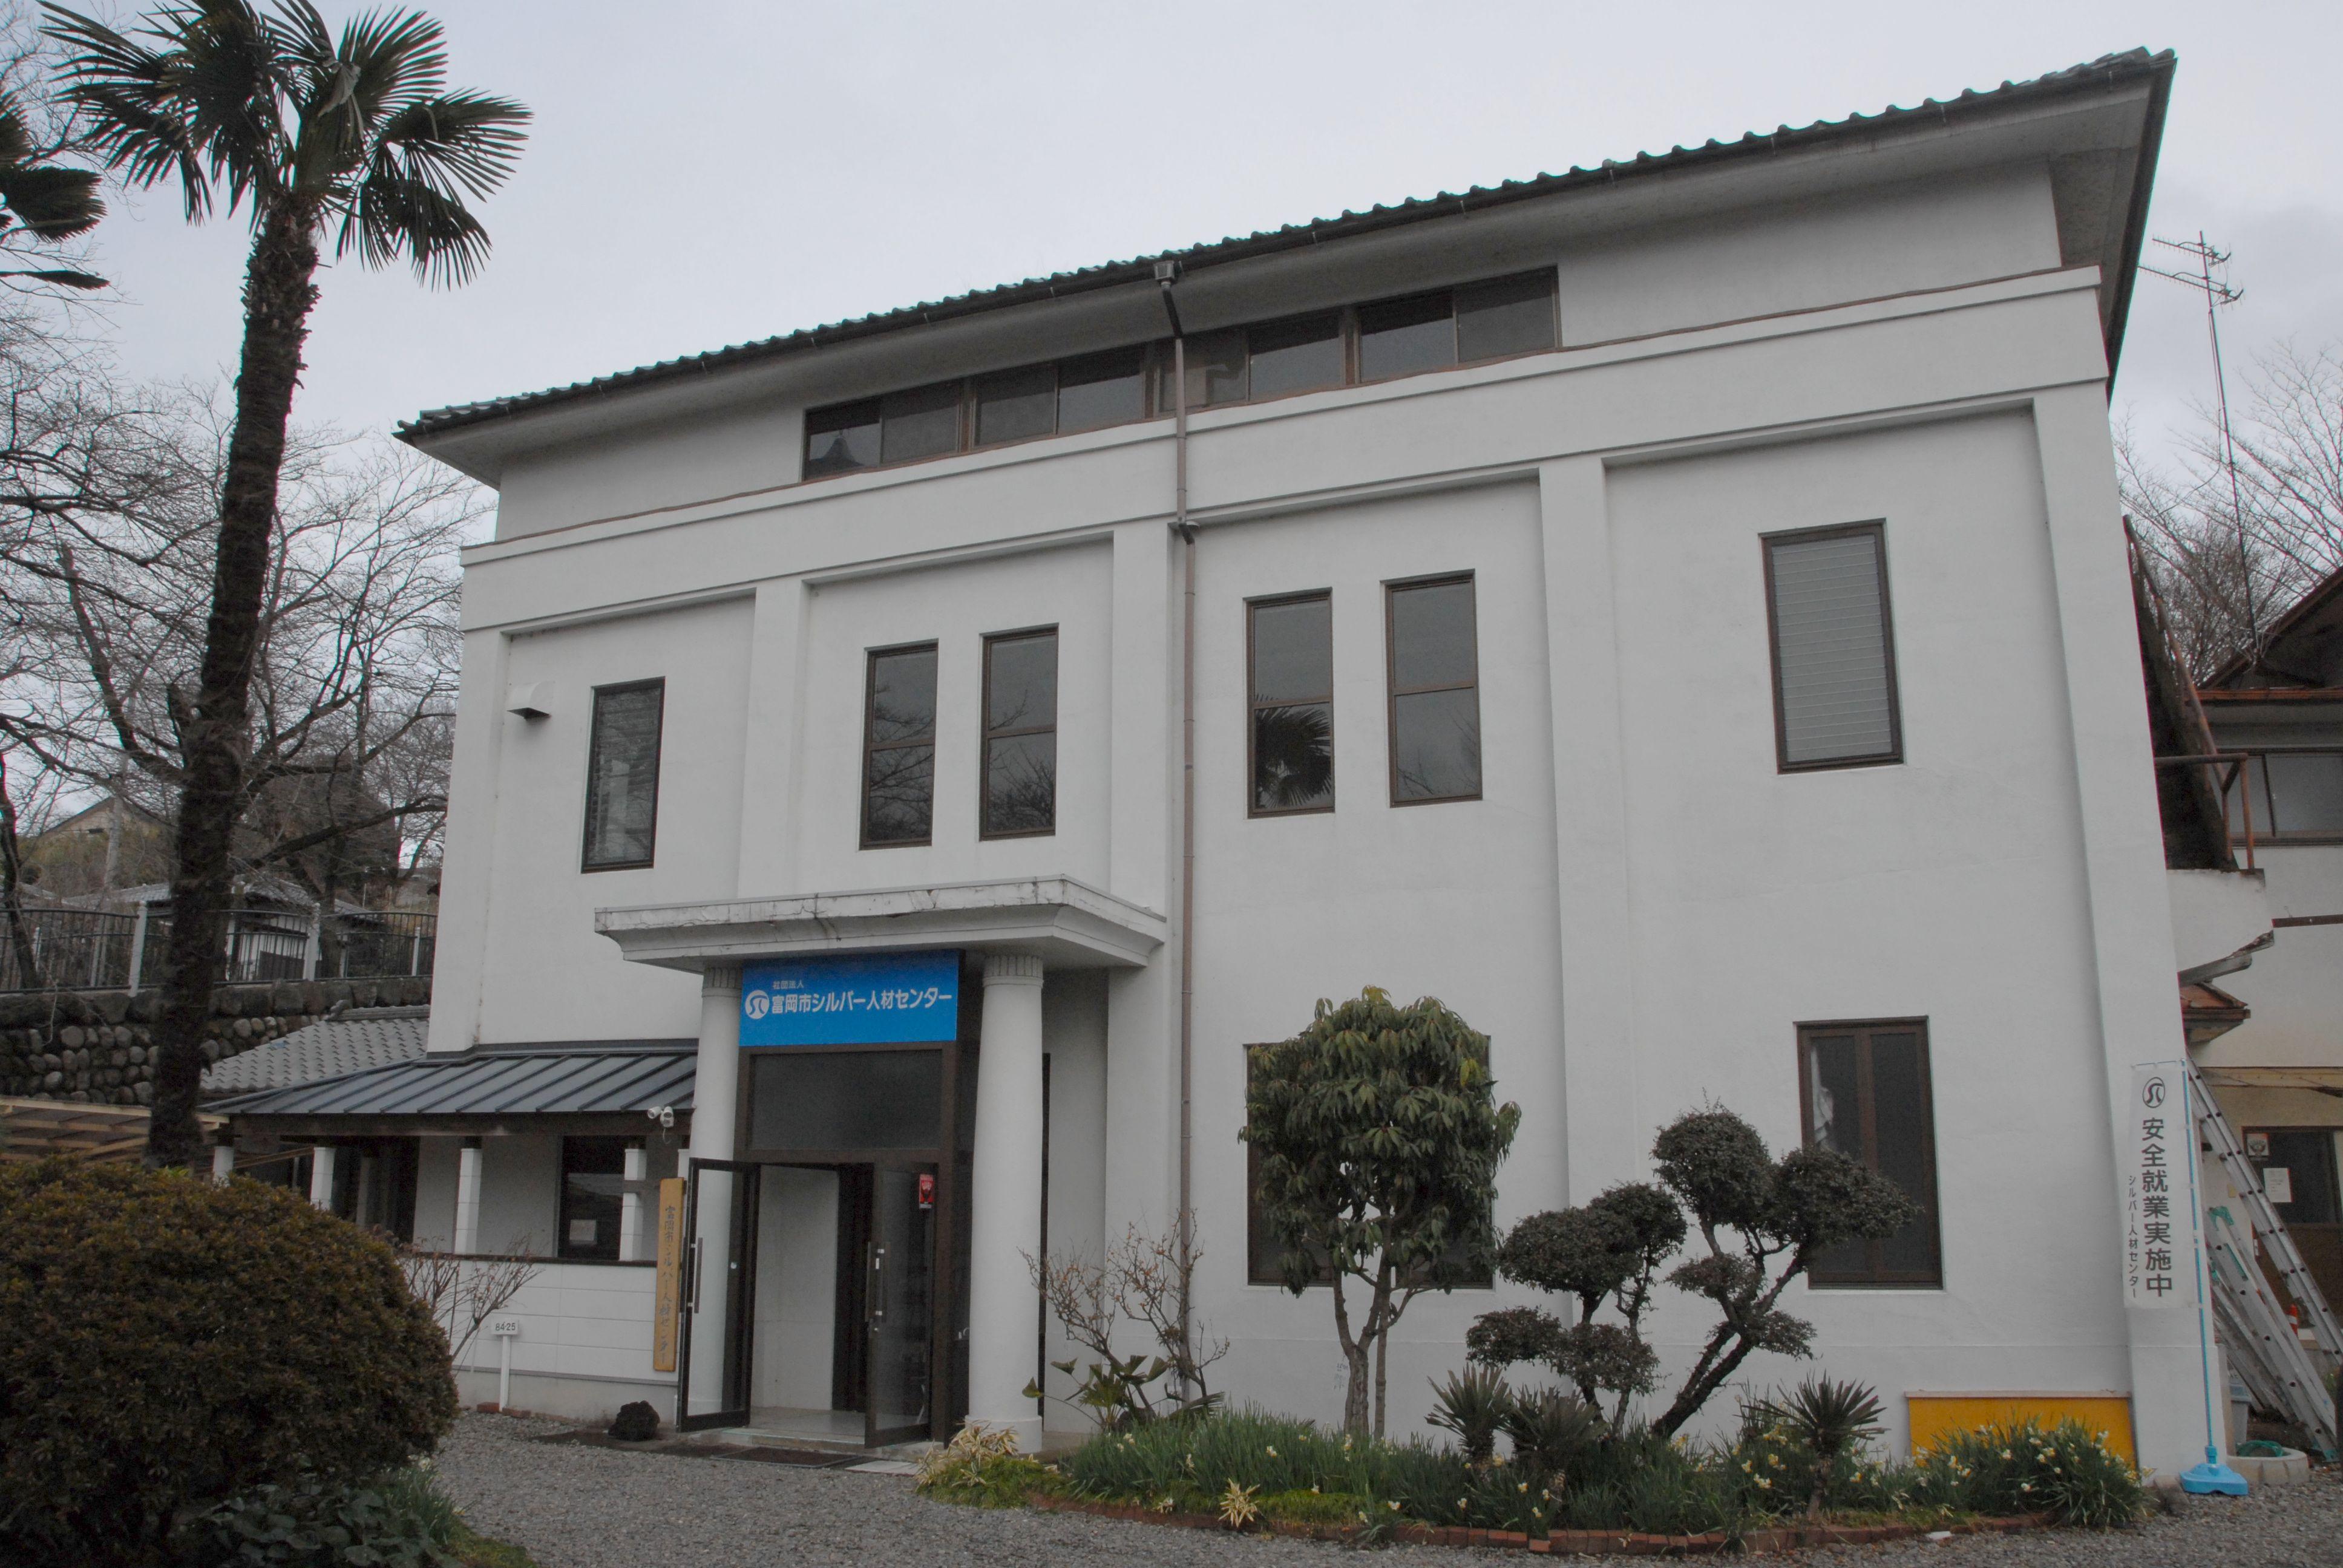 解説ツアー「富岡市のおいしい近代化遺産めぐり」